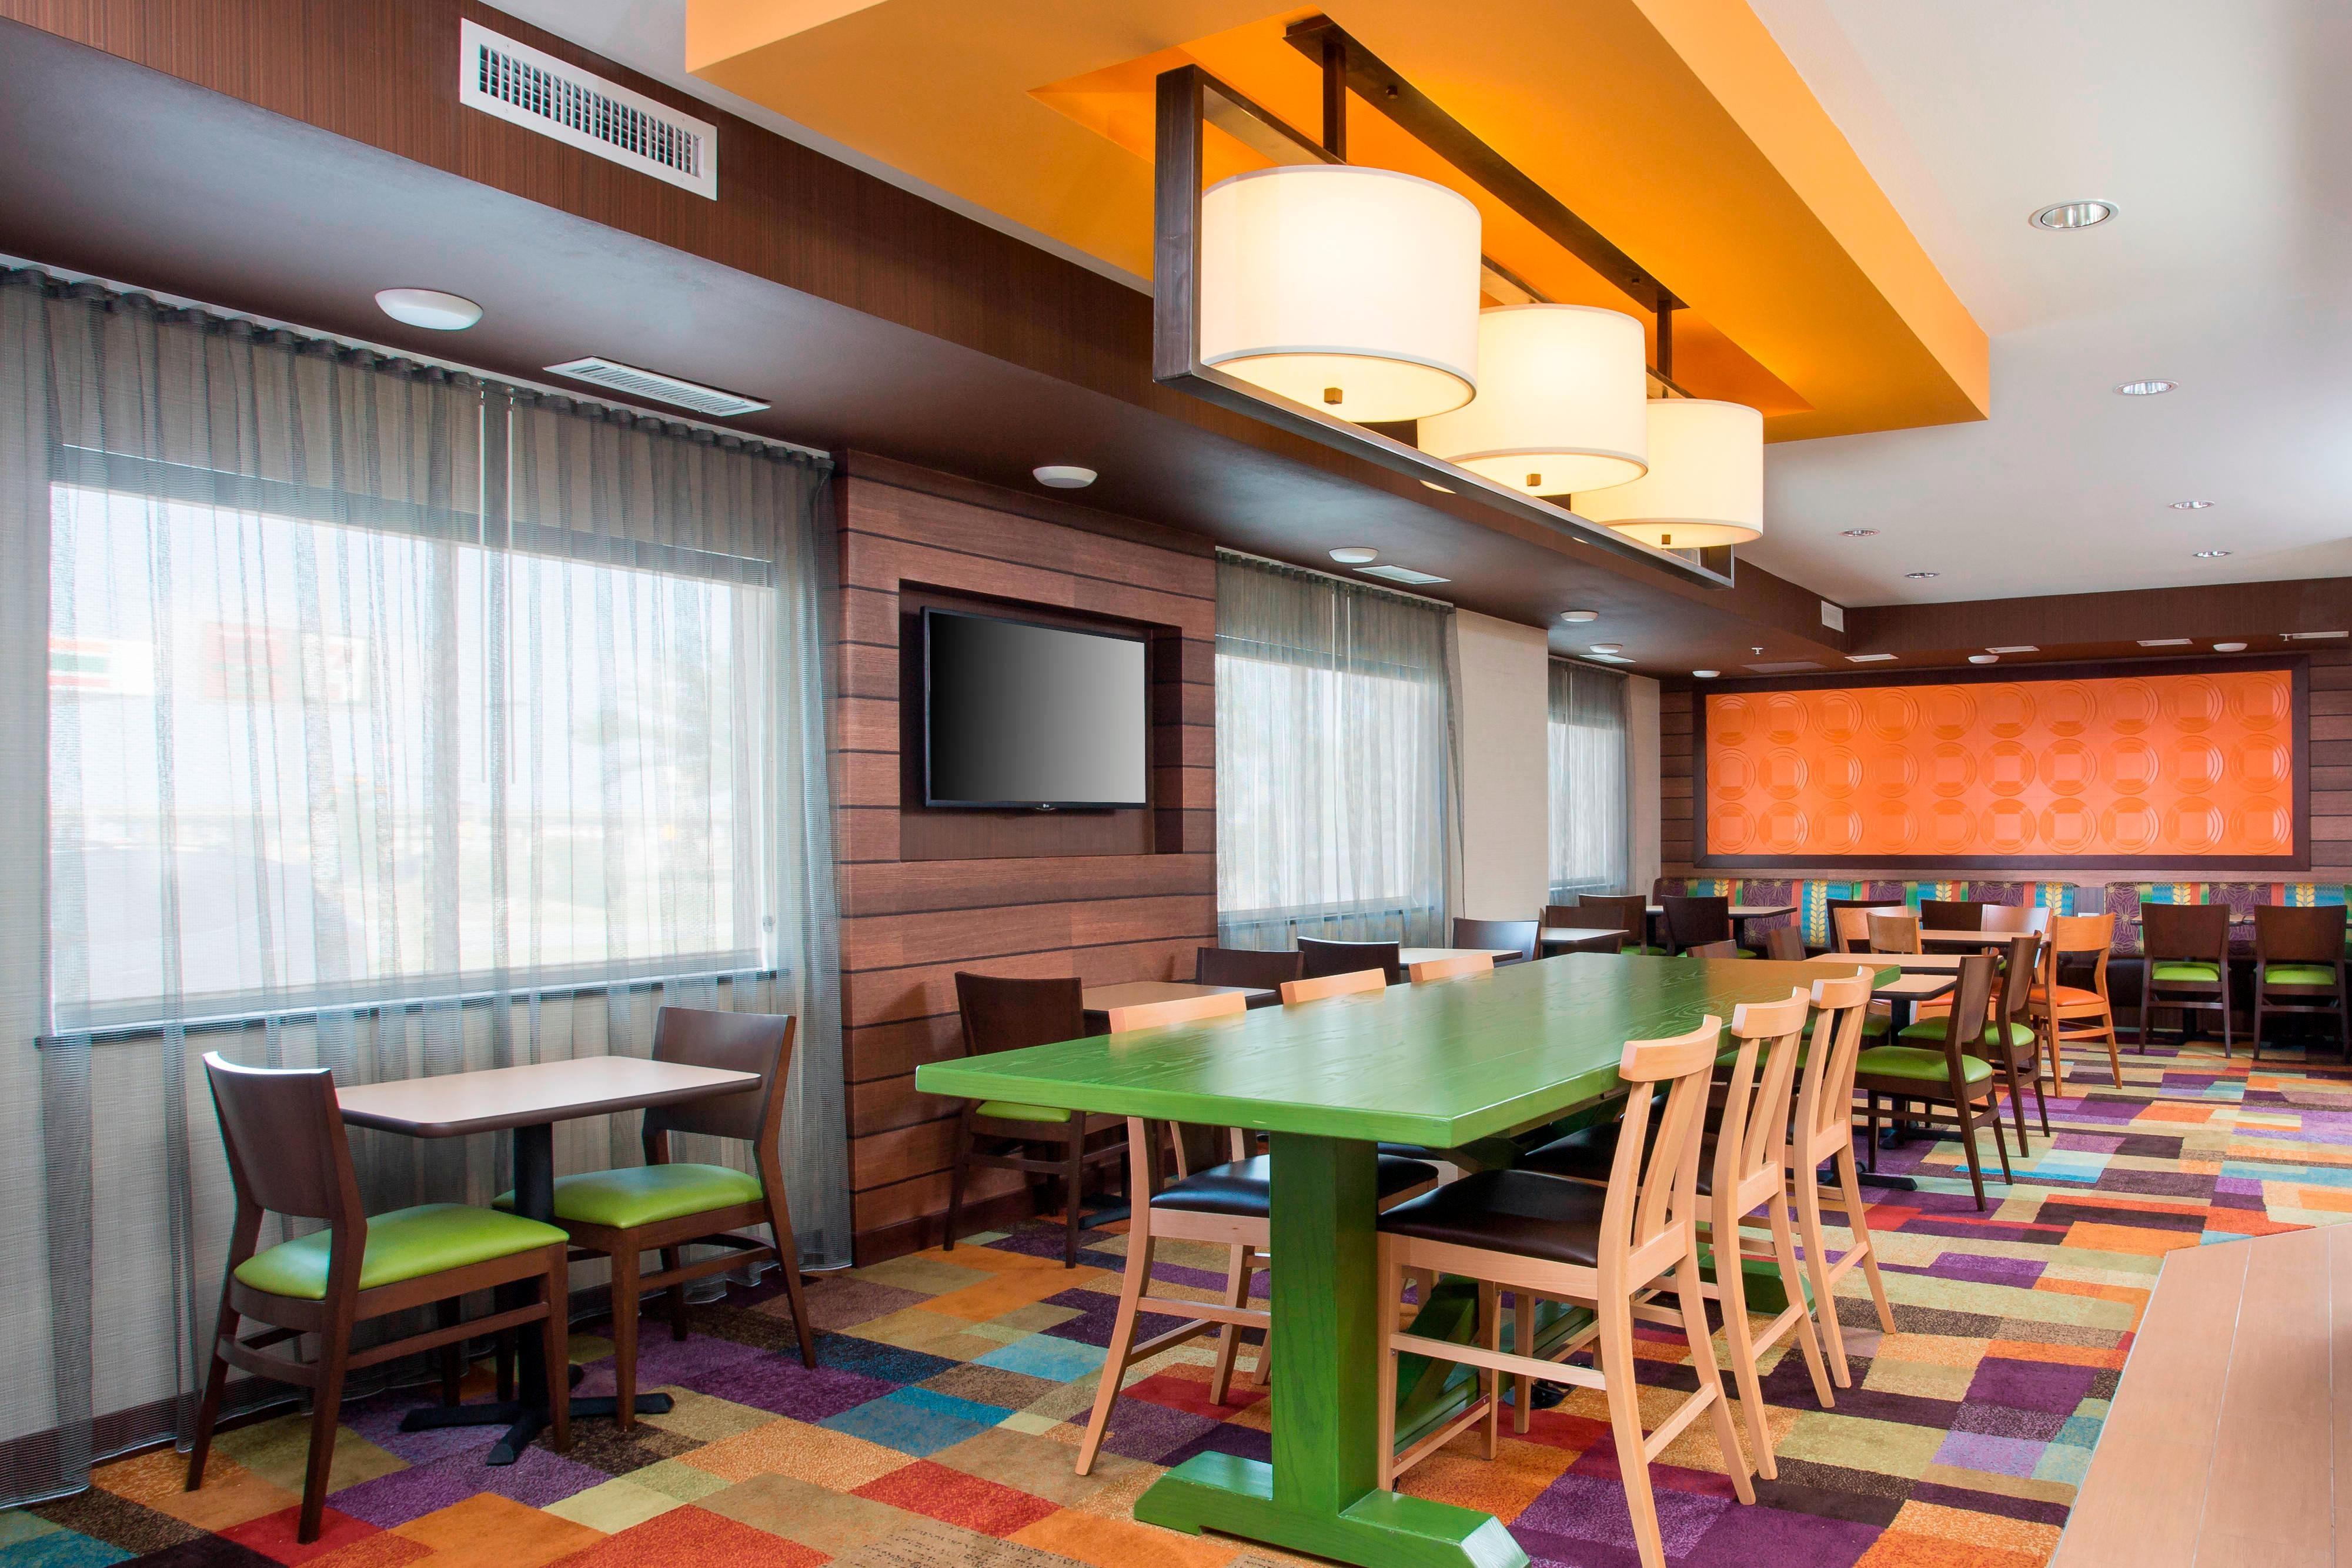 Waco TX Hotel Dining Area